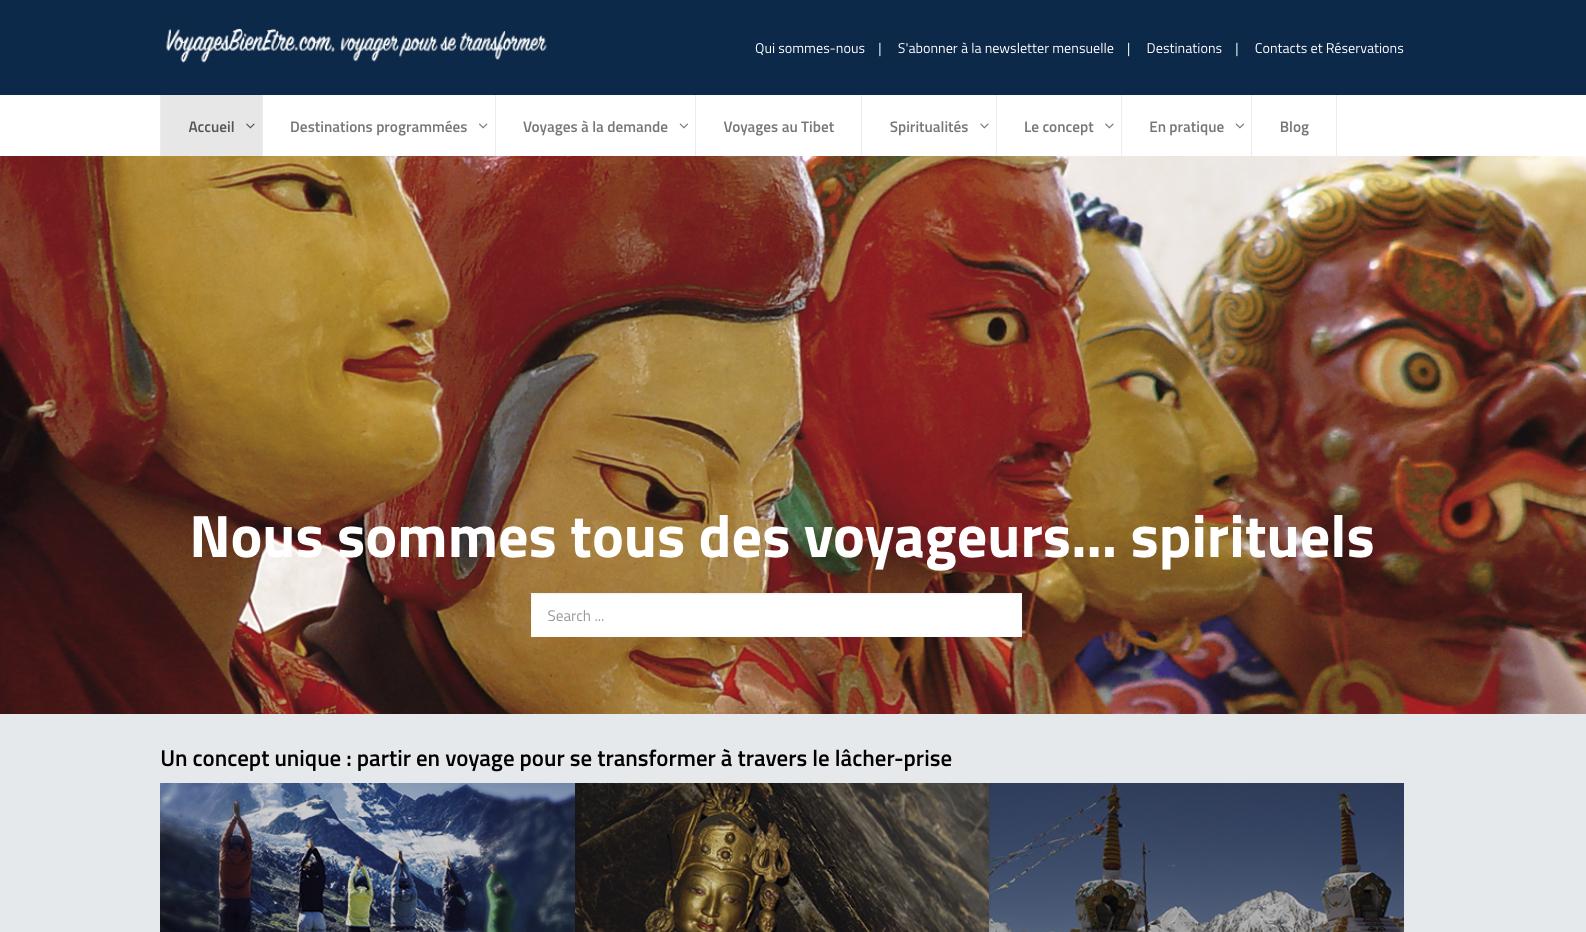 Voyages Bien-Etre